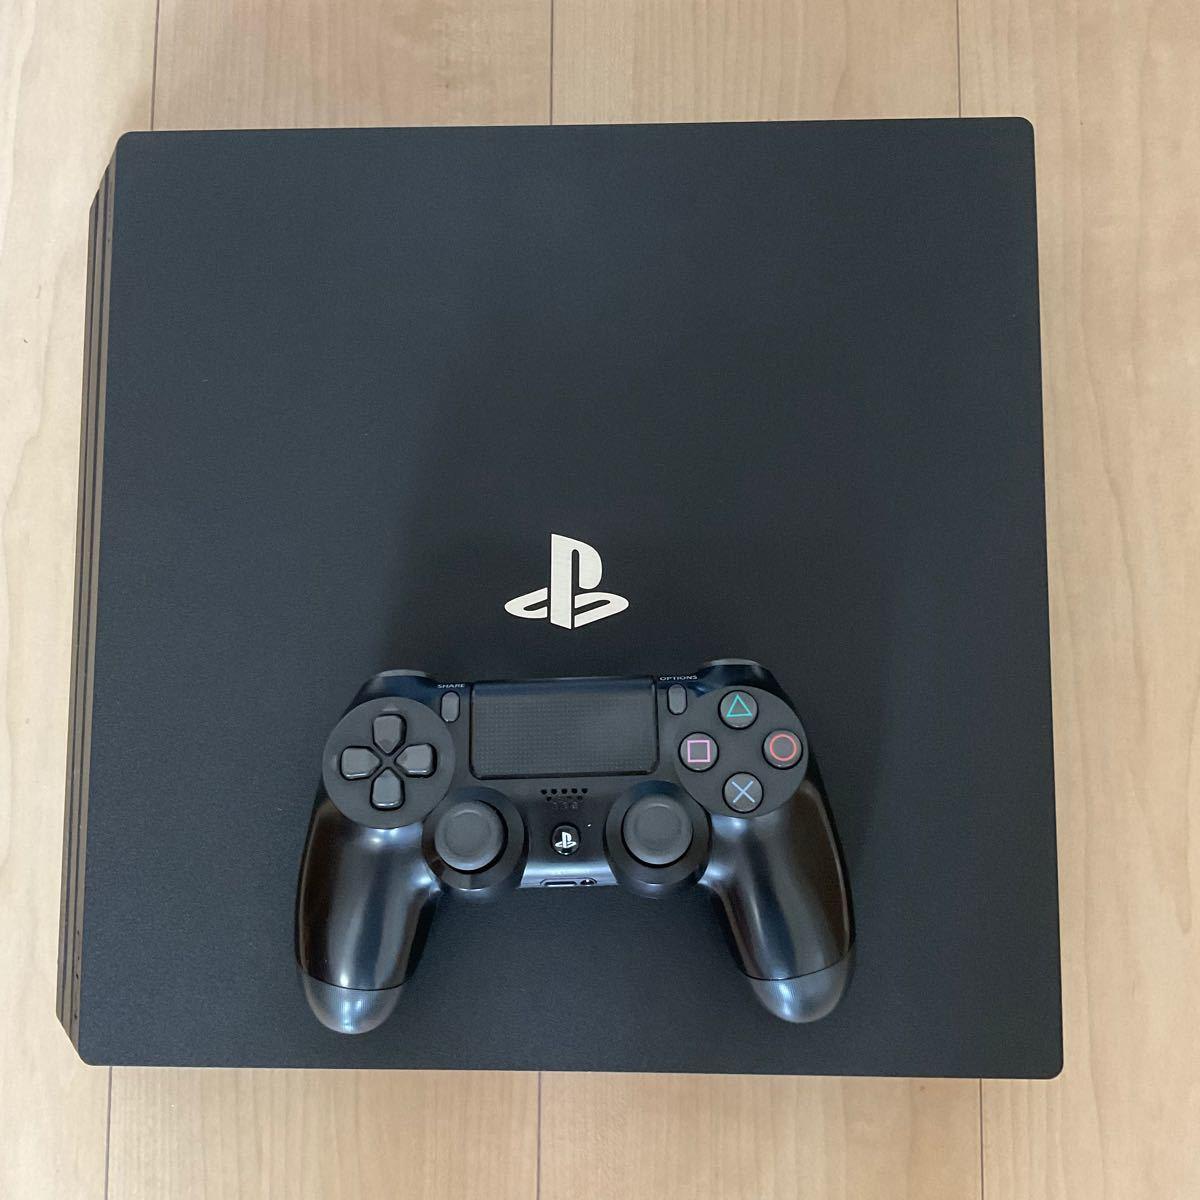 【すぐ遊べる】PS4 Pro 本体 4K画質 1TB  + おまけソフト3 + コントローラー充電スタンド